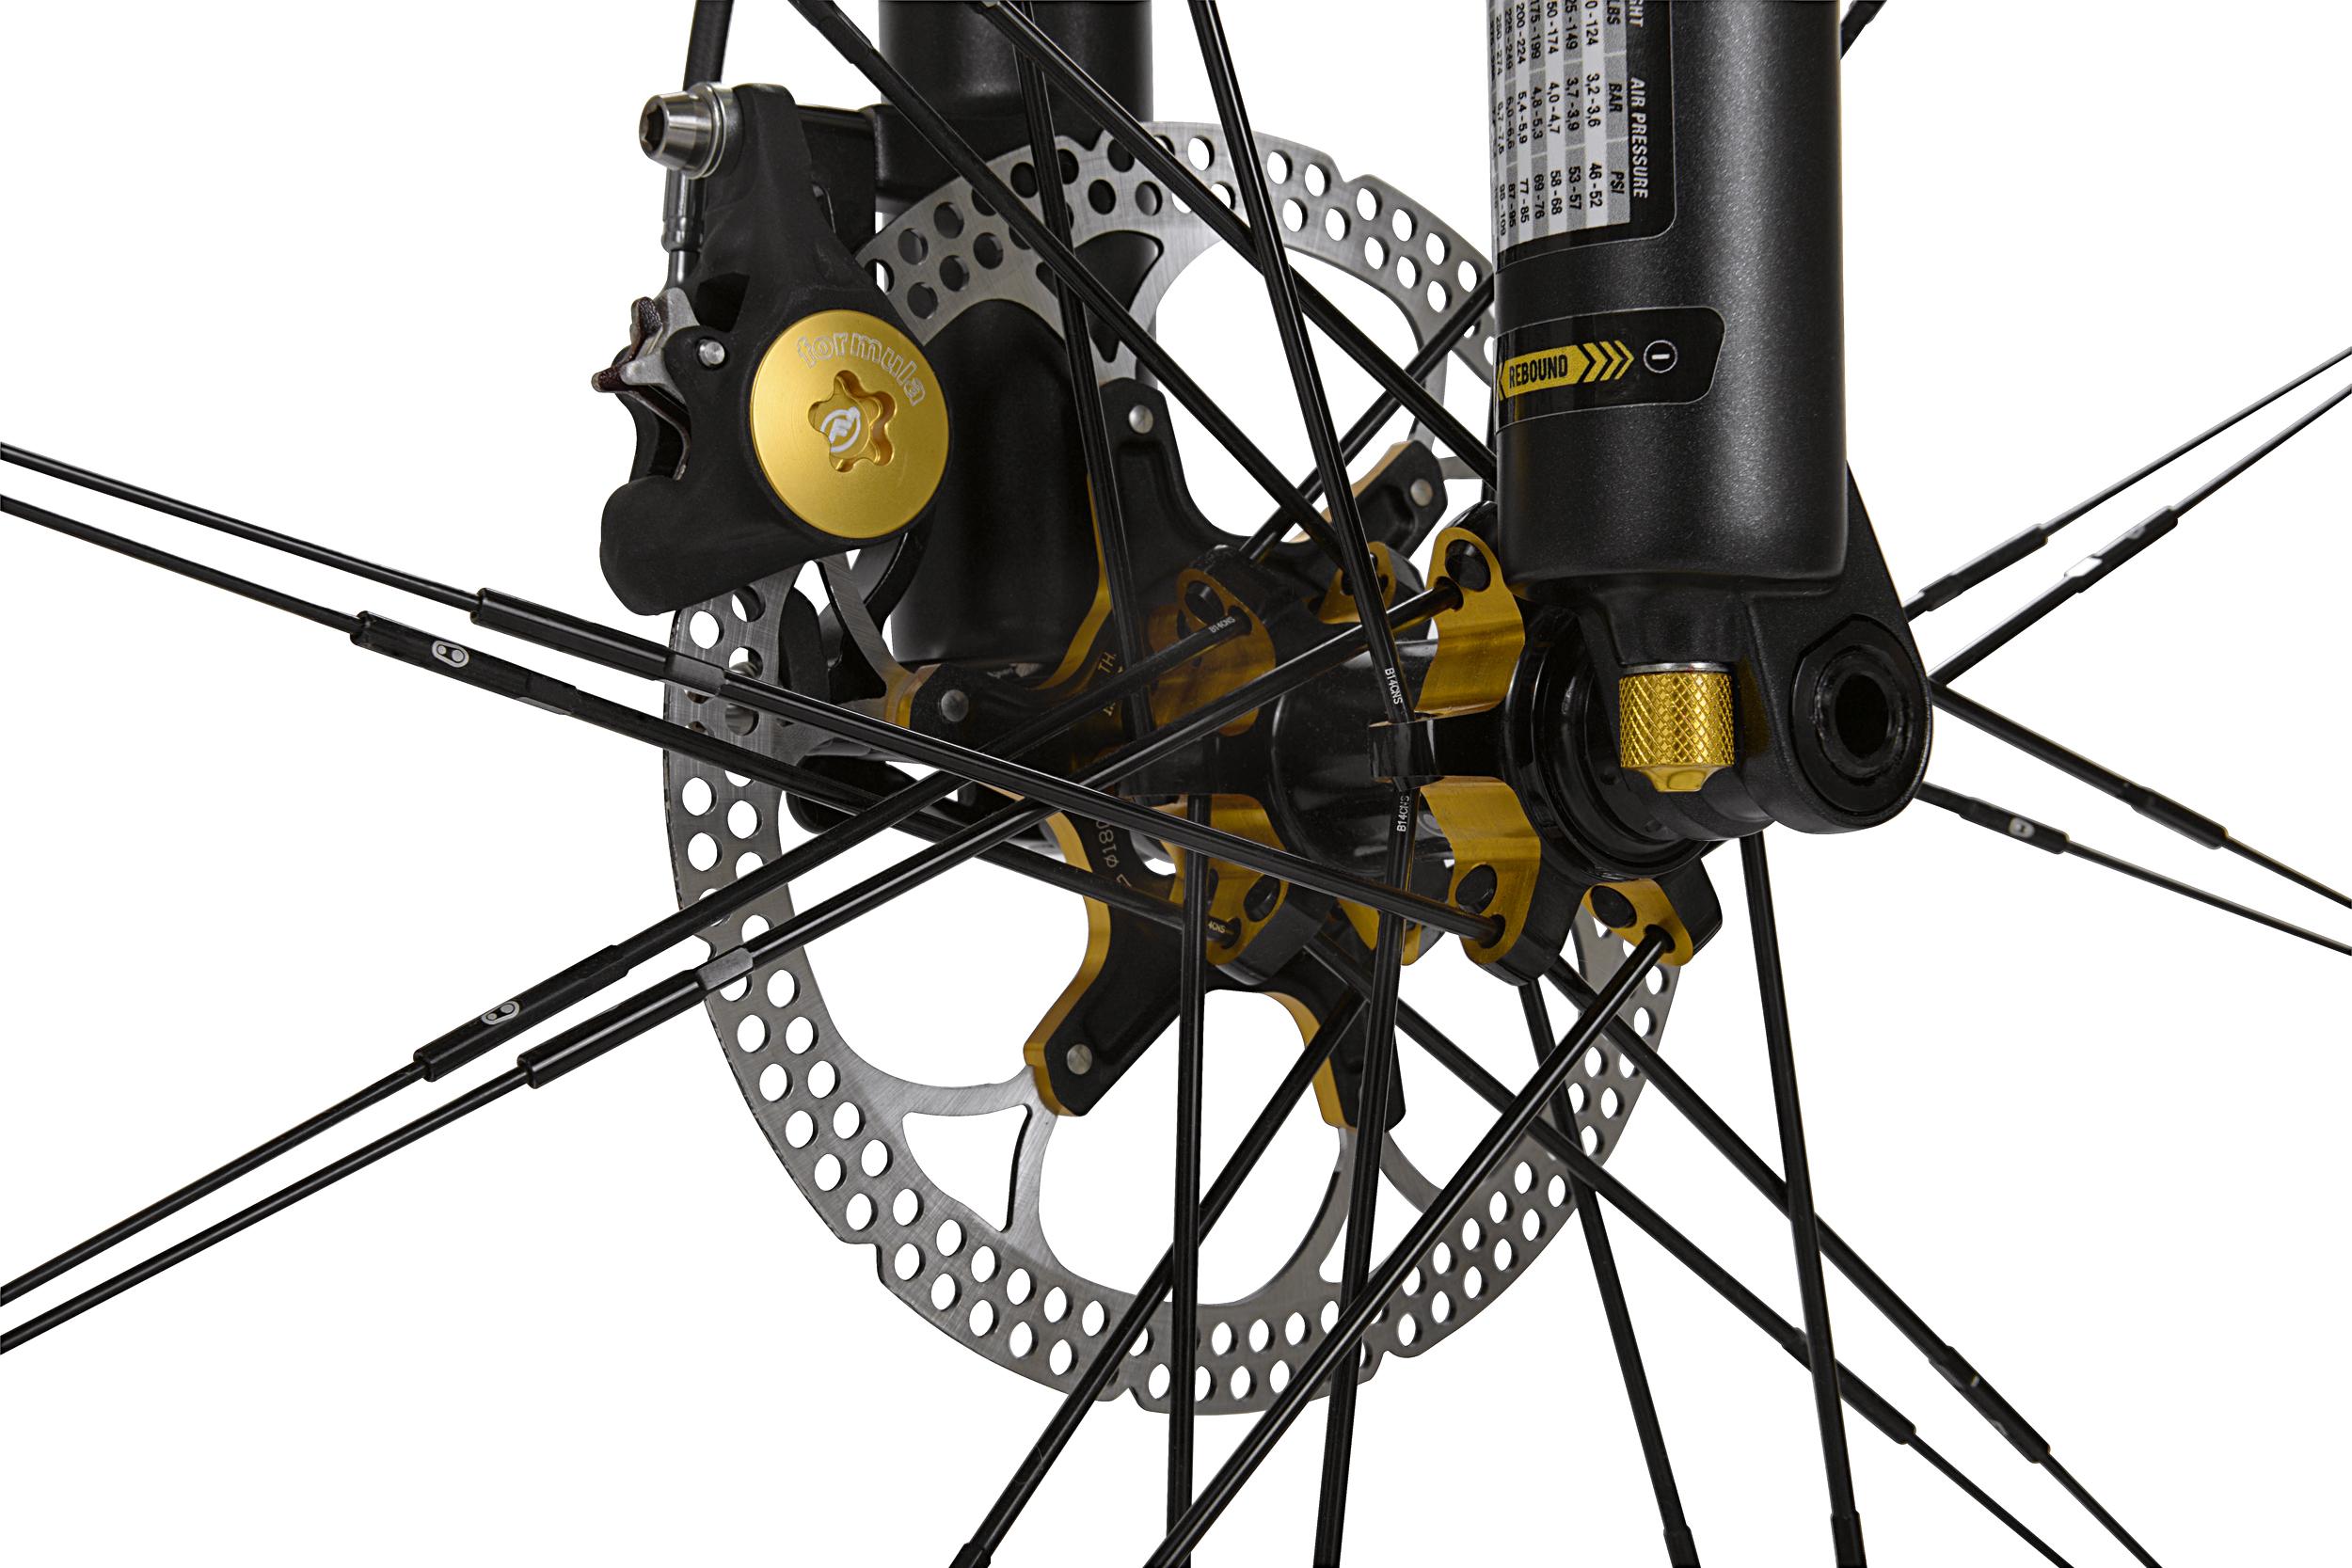 rotwild-mercedes-amg-gts-bike10